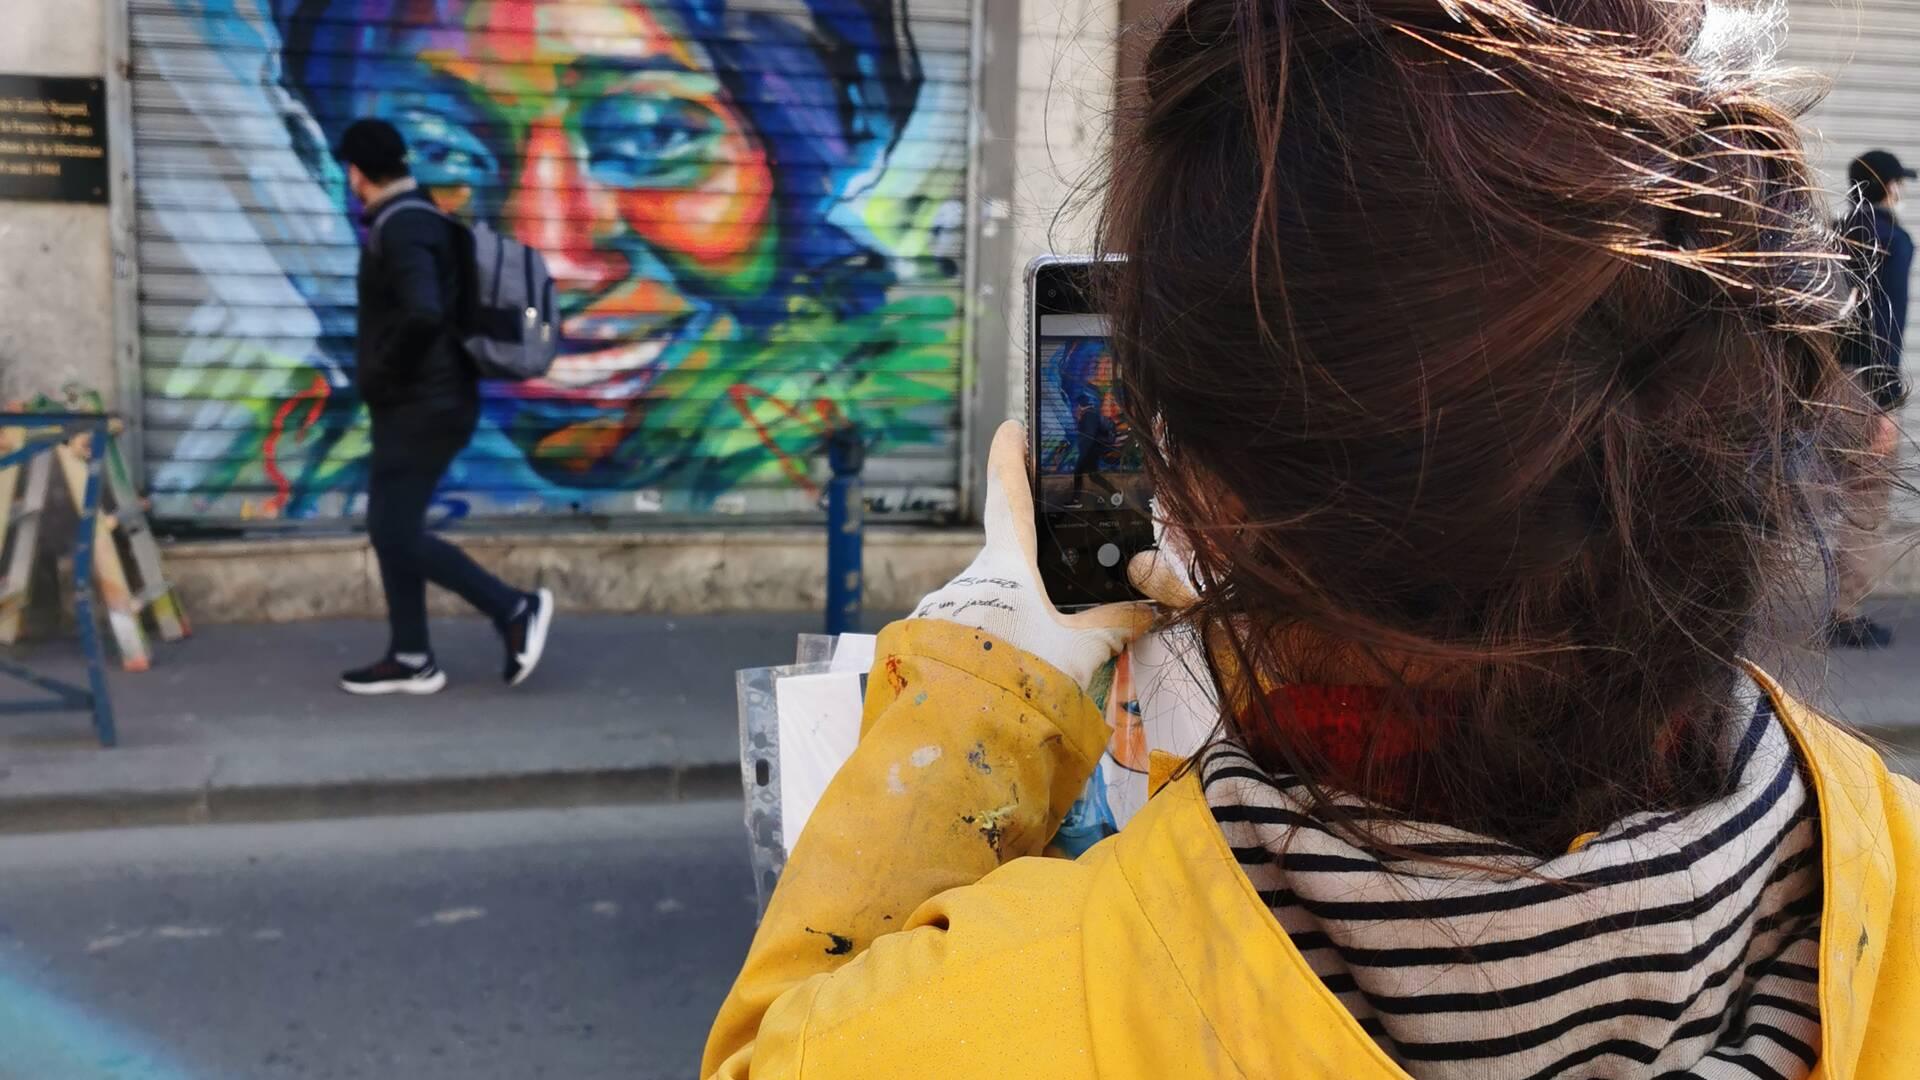 Beye, albertivillarienne et l'artiste Sema Lao - crédit Office de tourisme Plaine Commune Grand Paris